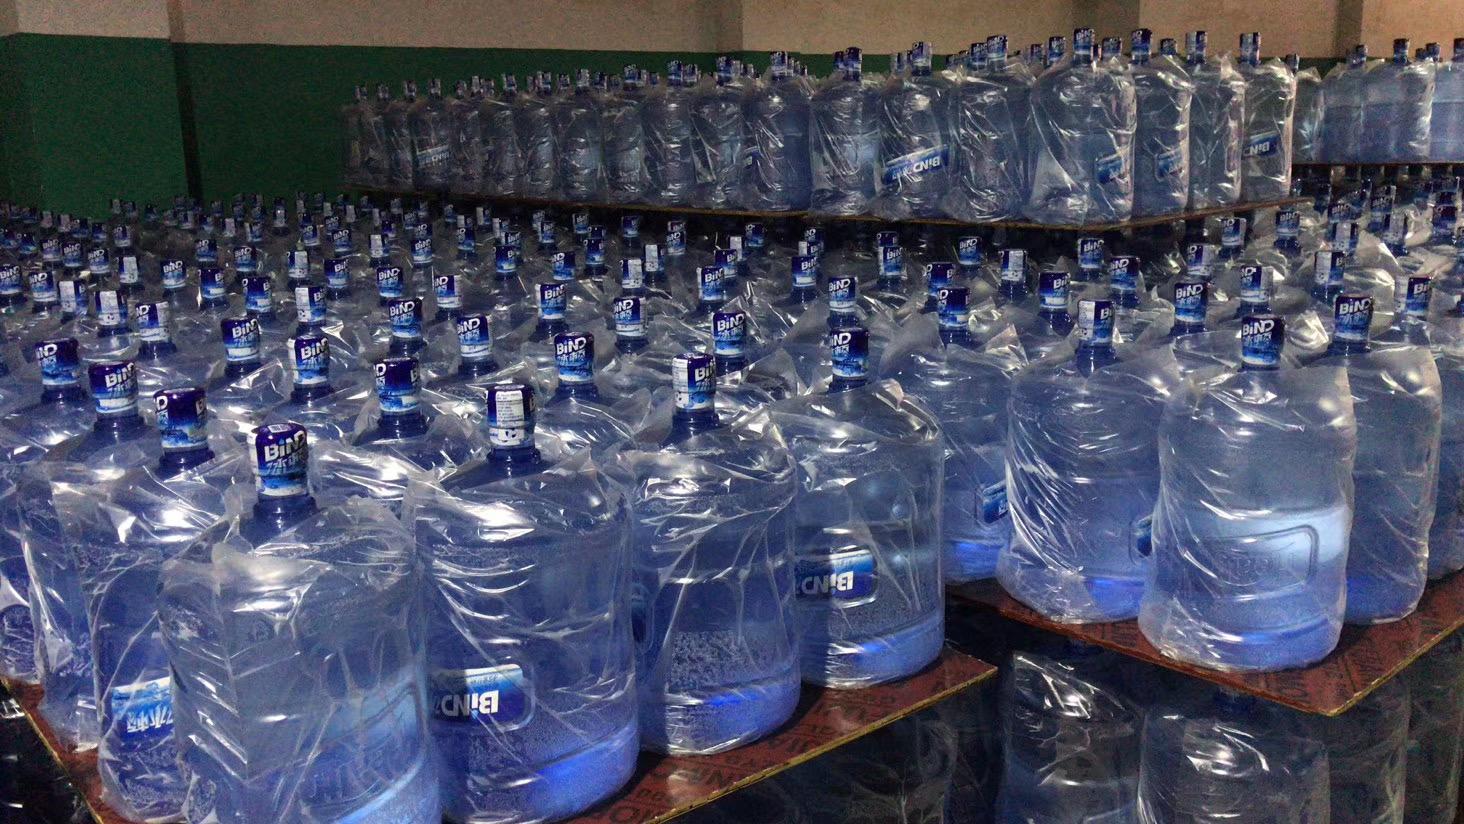 你会喝桶装水吗?解密错误的桶装水喝法